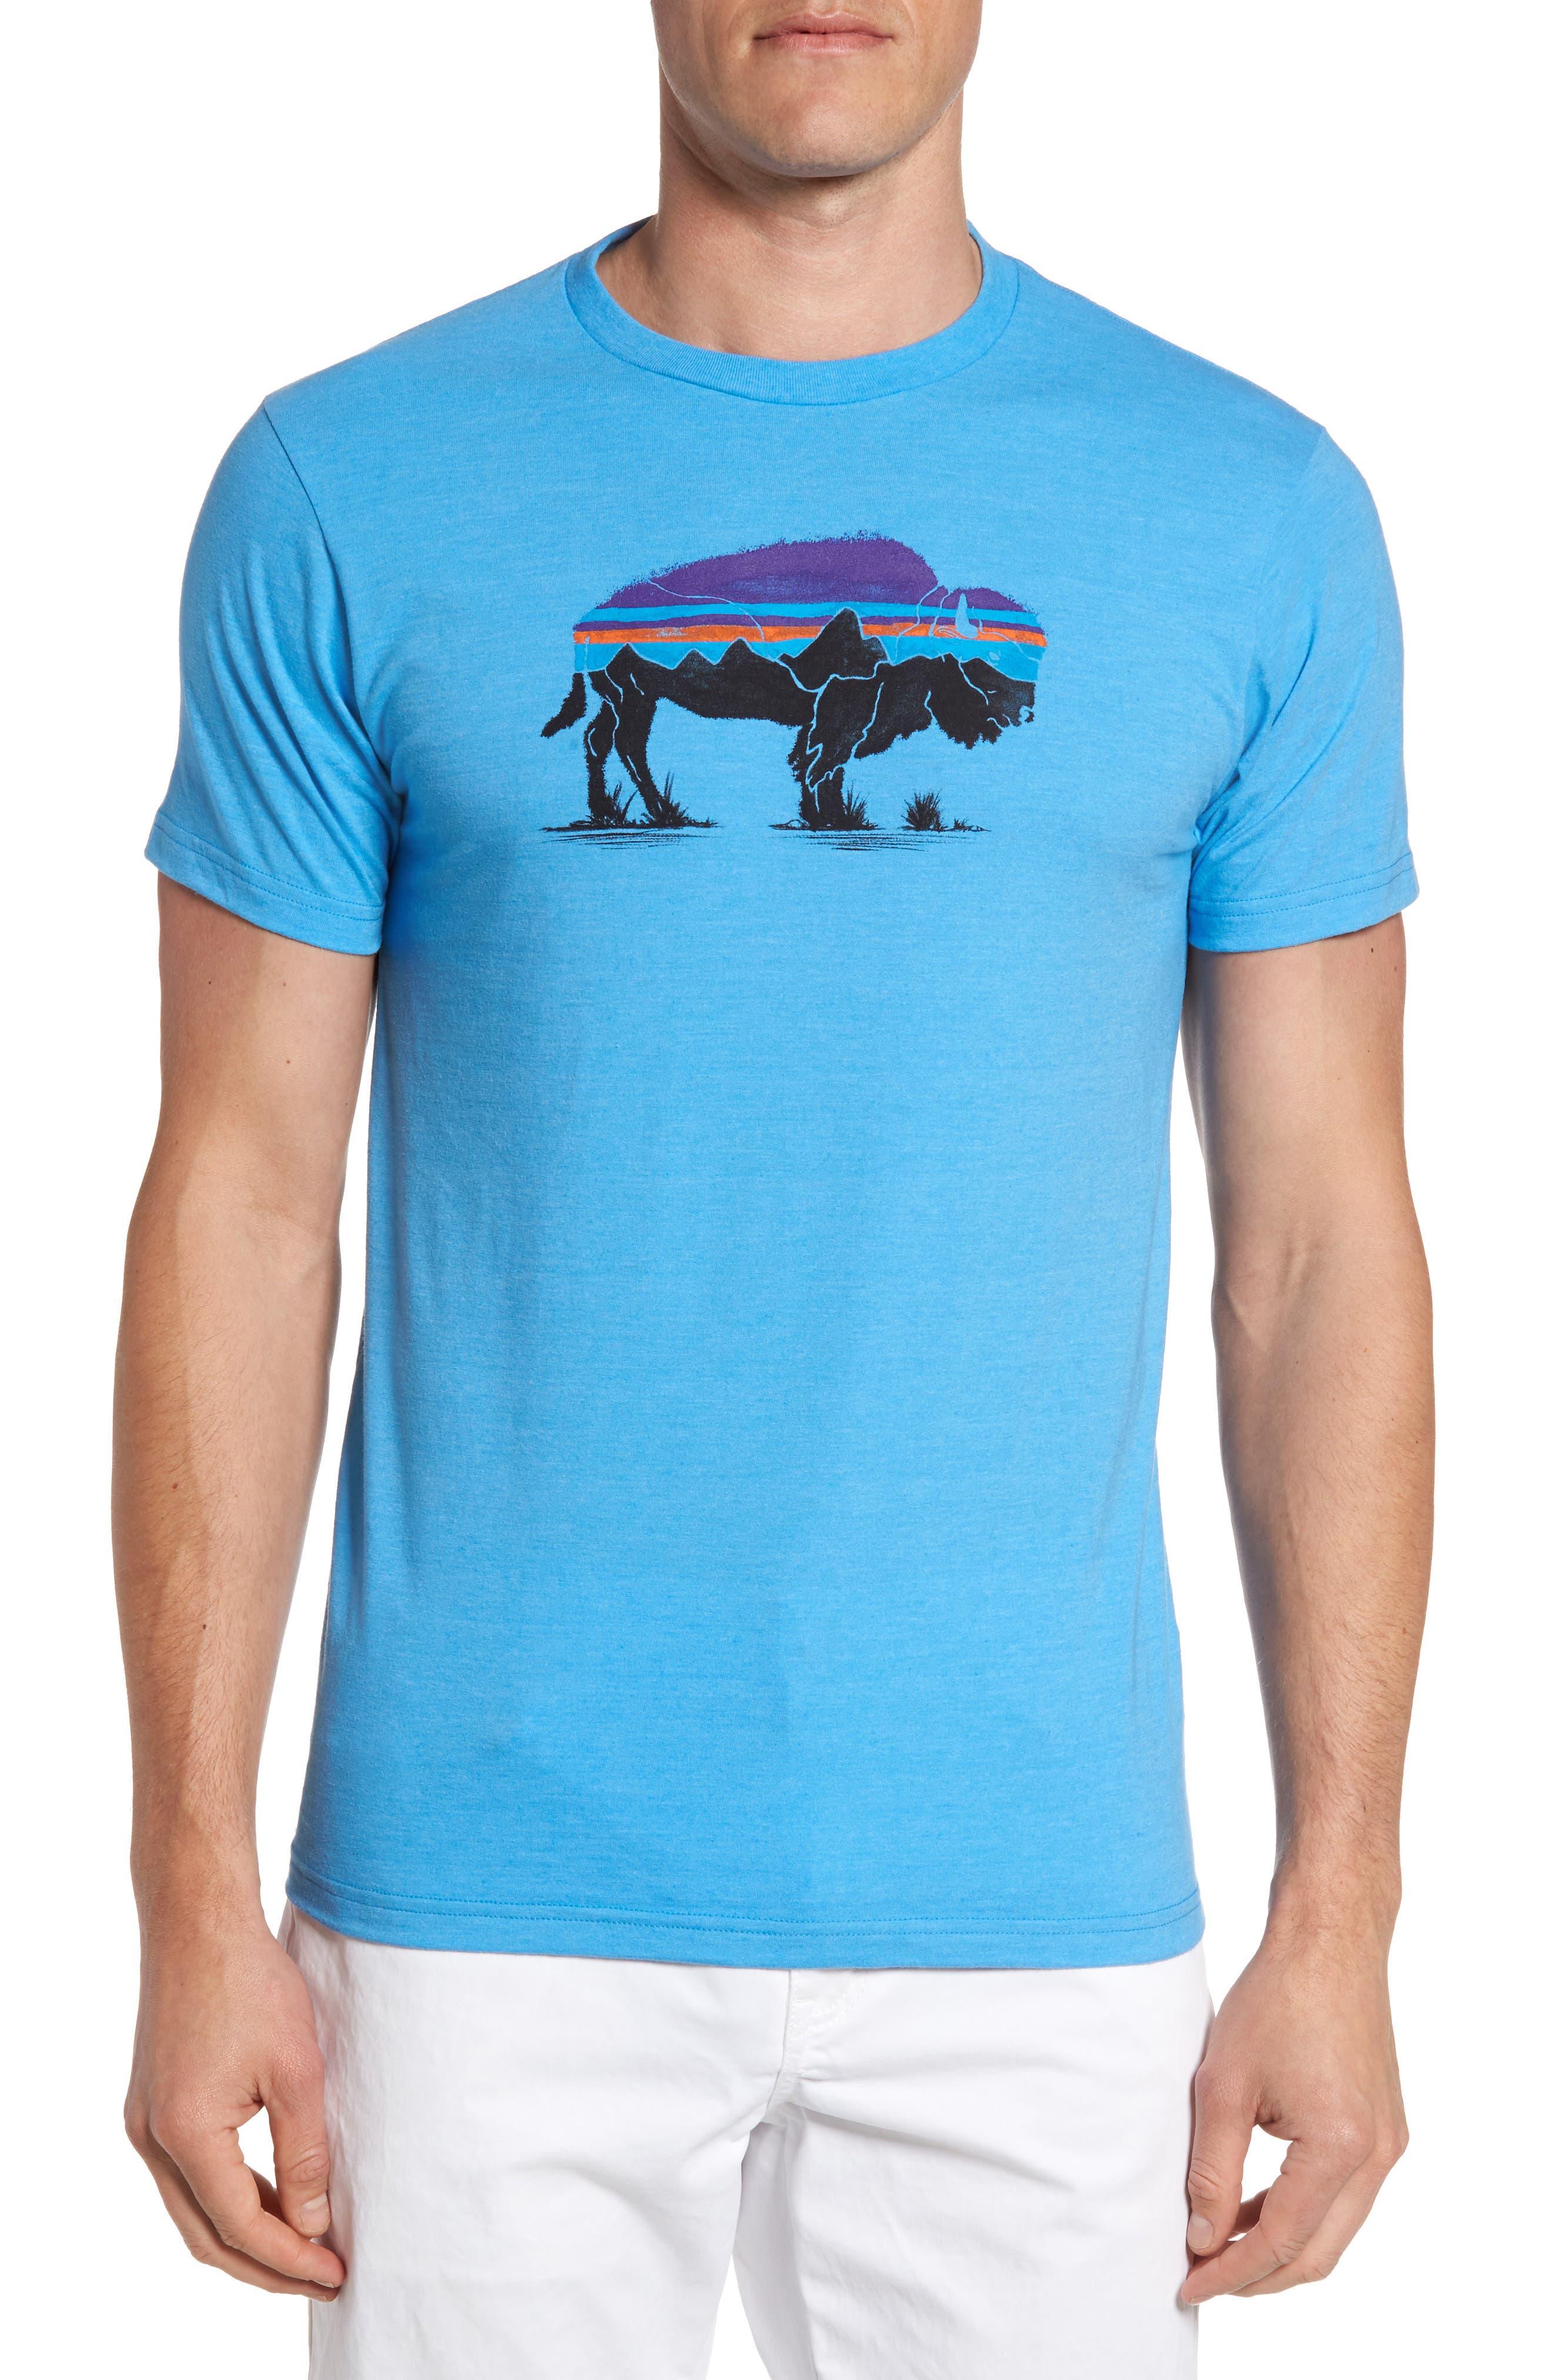 Main Image - Patagonia Fitz Roy Bison T-Shirt